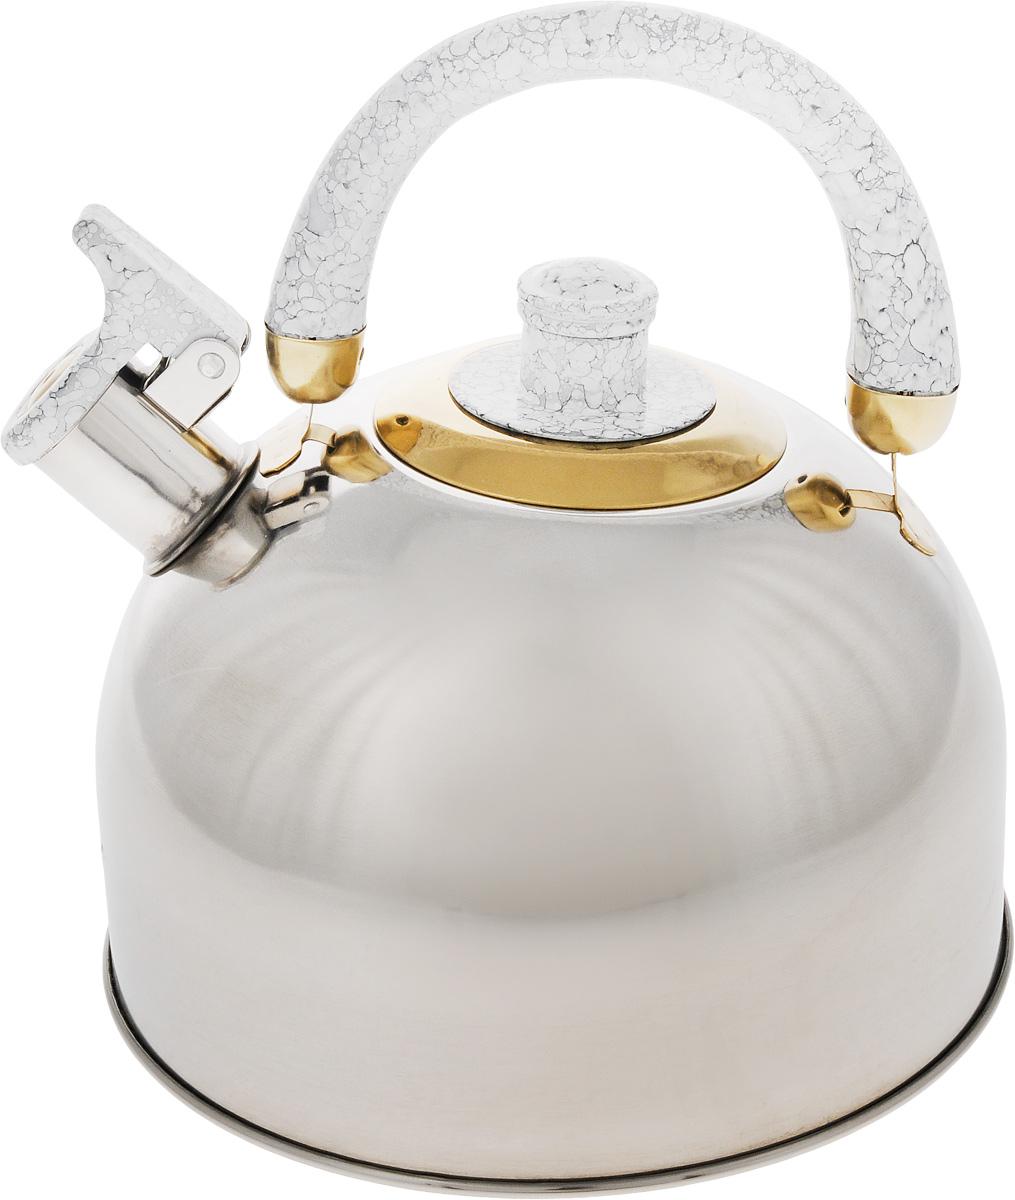 Чайник Mayer & Boch, цвет: стальной, белый, золотой, 4 л. 1046A115510Чайник Mayer & Boch изготовлен из высококачественной нержавеющей стали с зеркальной полировкой, что делает его весьма гигиеничным и устойчивым к износу при длительном использовании. Гладкая и ровная поверхность существенно облегчает уход за посудой. Выполненный из качественных материалов чайник при кипячении сохраняет все полезные свойства воды. Носик чайника имеет откидной свисток, звуковой сигнал которого подскажет, когда закипит вода. Крышка, свисток и ручка выполнены из бакелита.Классический дизайн чайника Mayer & Boch дополнит любую кухню. Подходит для использования на всех типах кухонных плит, кроме индукционных.Высота чайника (с учетом ручки): 21 см. Высота чайника (без учета ручки и крышки): 12 см. Диаметр по верхнему краю: 8,5 см.